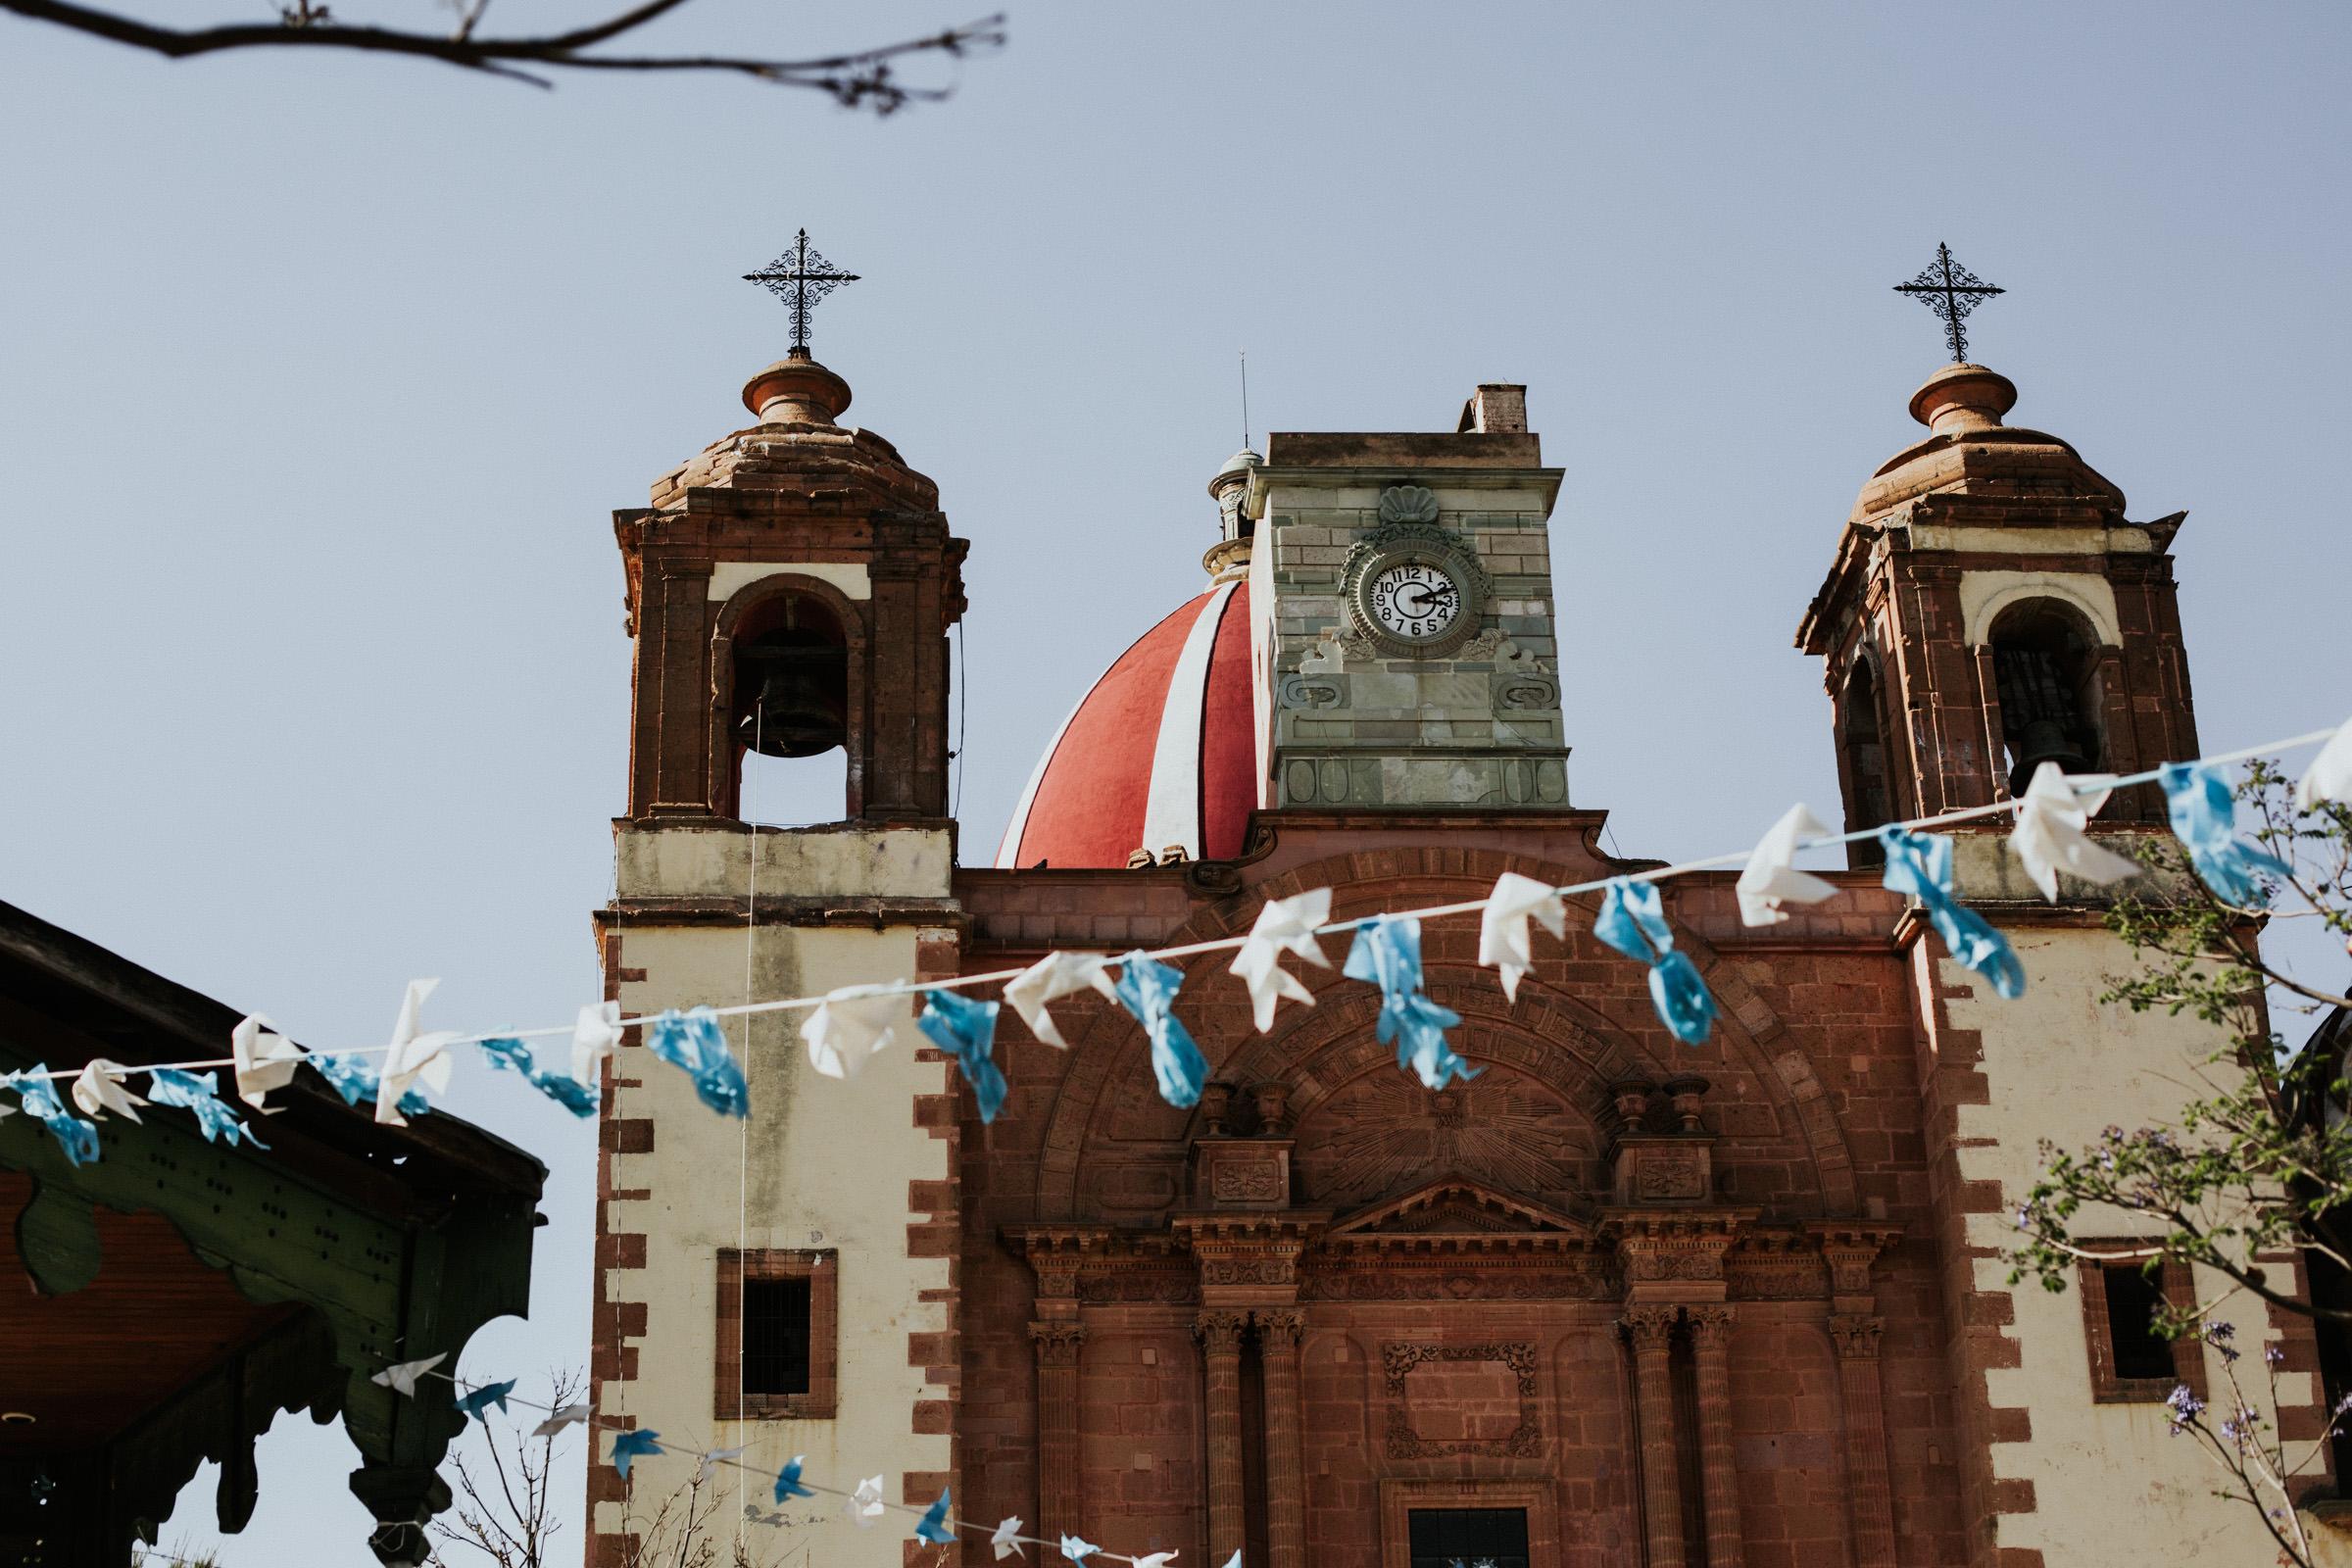 Boda-Guanajuato-Camino-de-Vinos-San-Miguel-Allende-Wedding-Fotografia-Paulina-Mauricio-Pierce0153.JPG